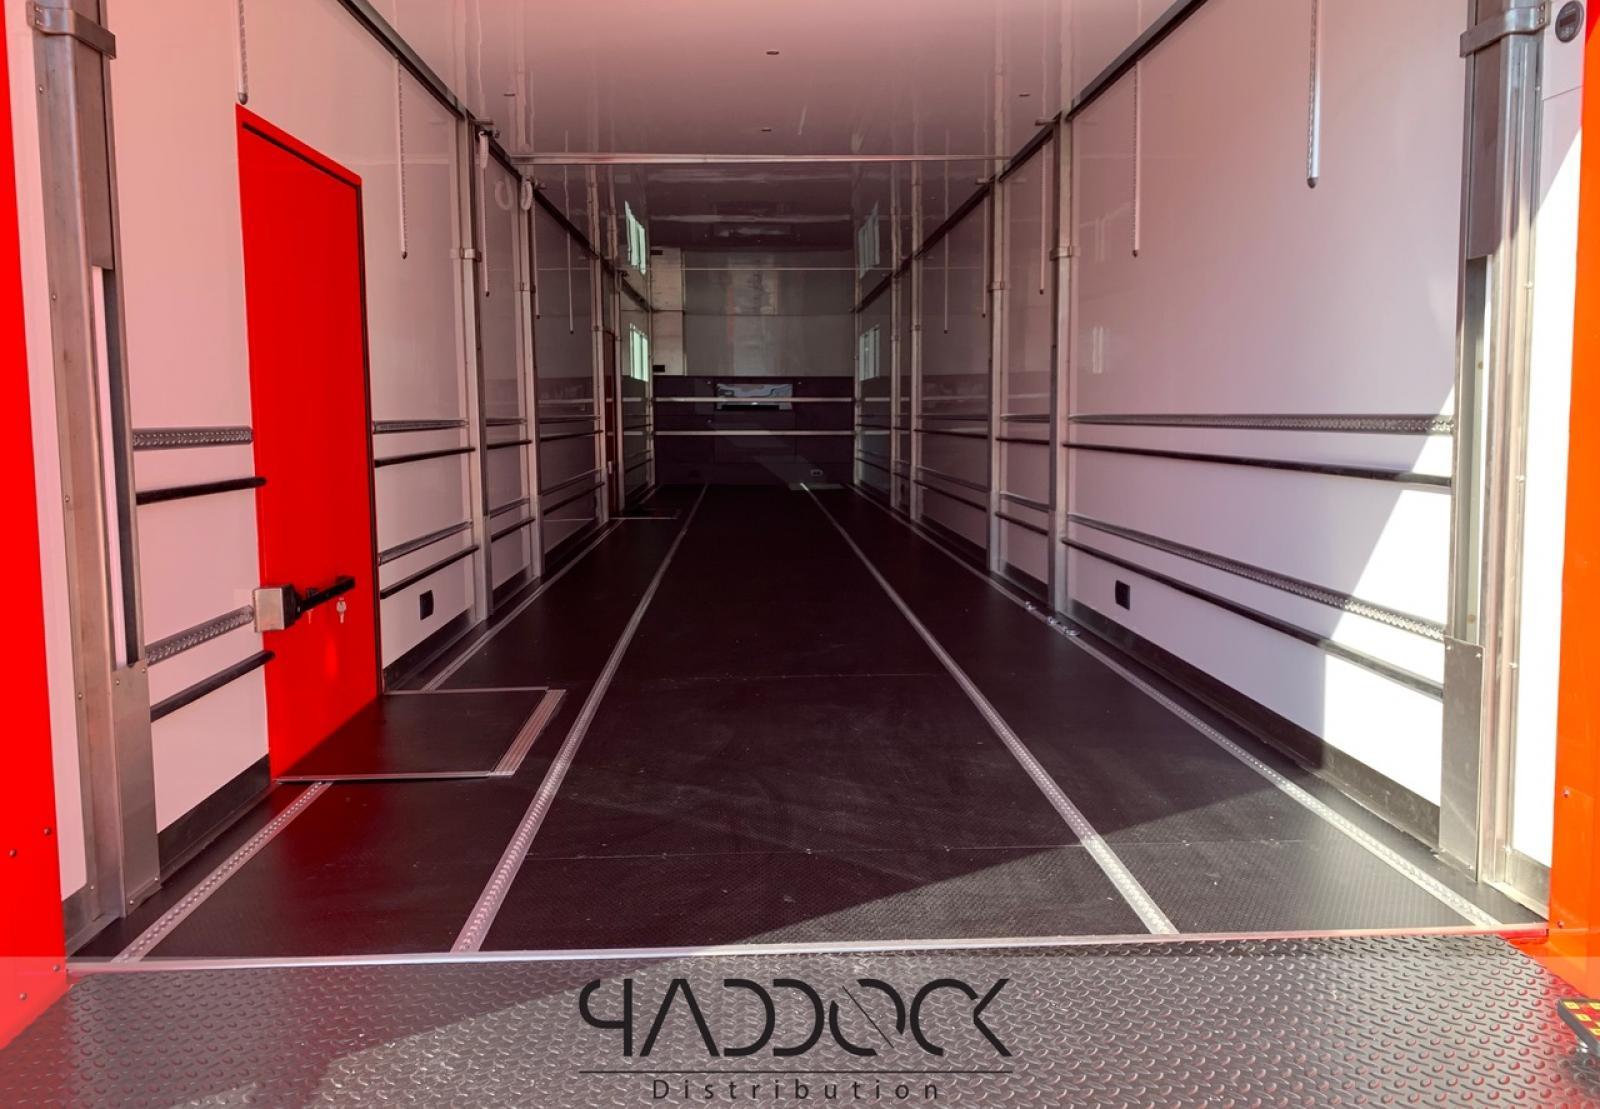 2021 Uus poolhaagis ASTA CAR PADDOCK DISTRIBUTION - 3